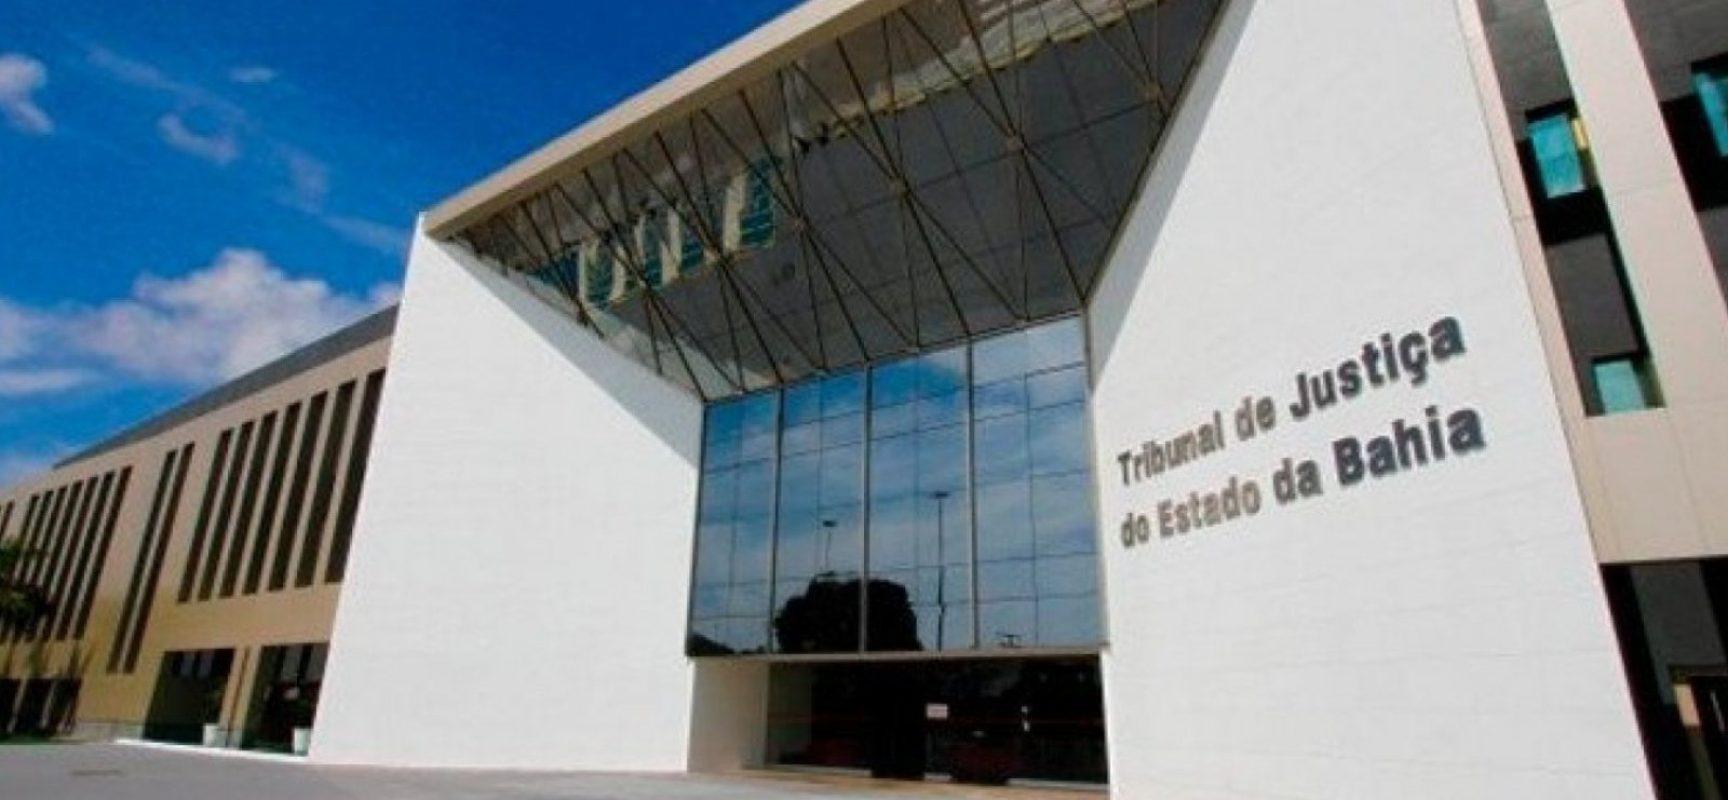 Tribunal de Justiça suspende eleição para escolha de novos desembargadores